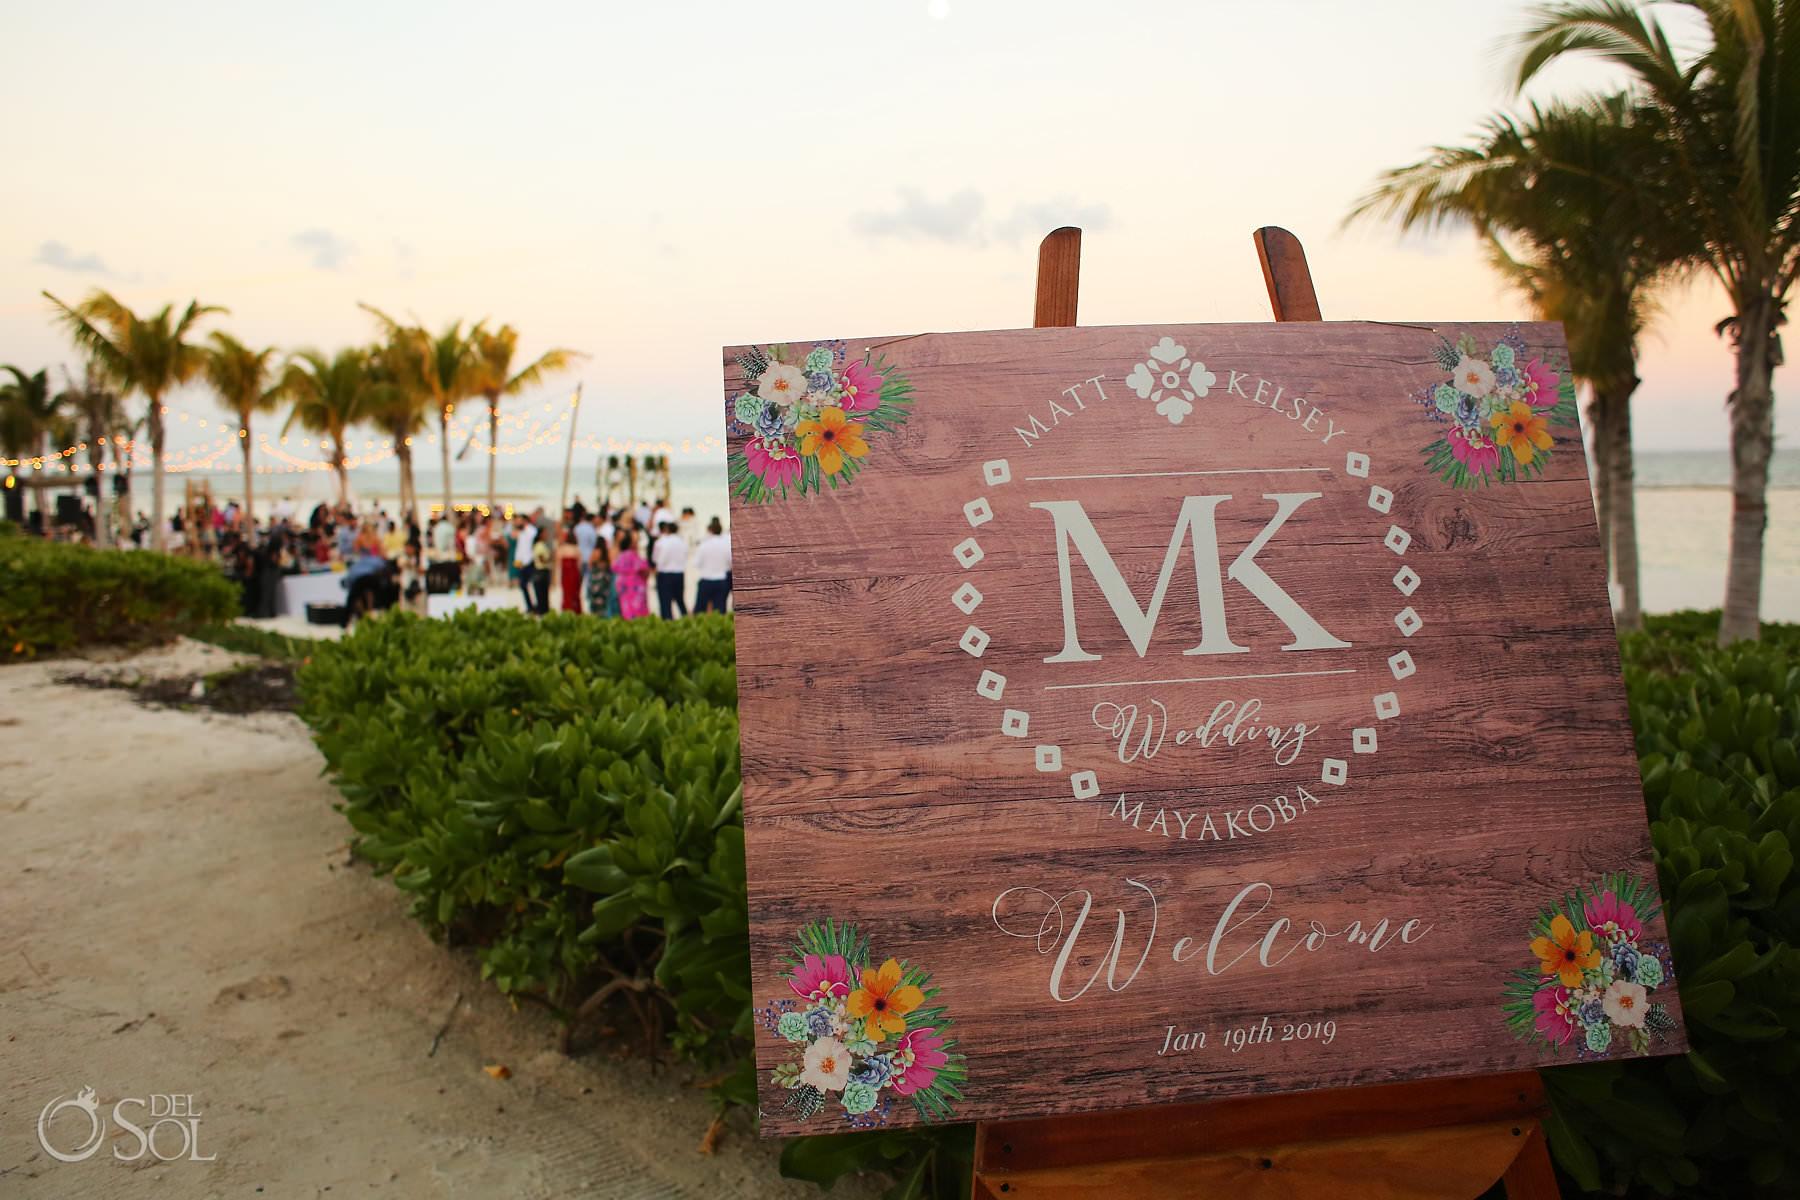 Andaz Mayakoba Wedding sign